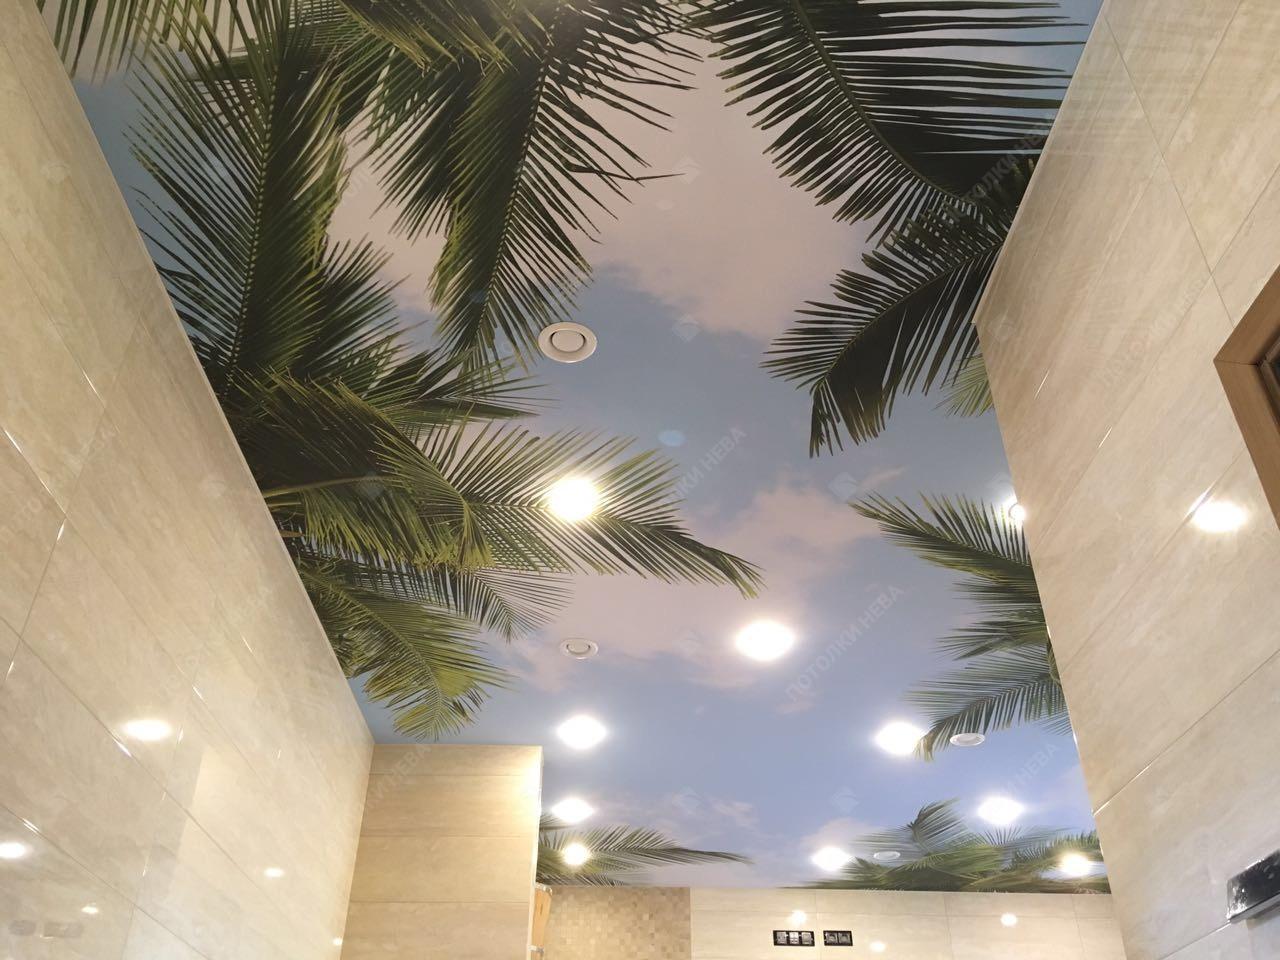 Потолок с фотопечатью тропиков и пальм